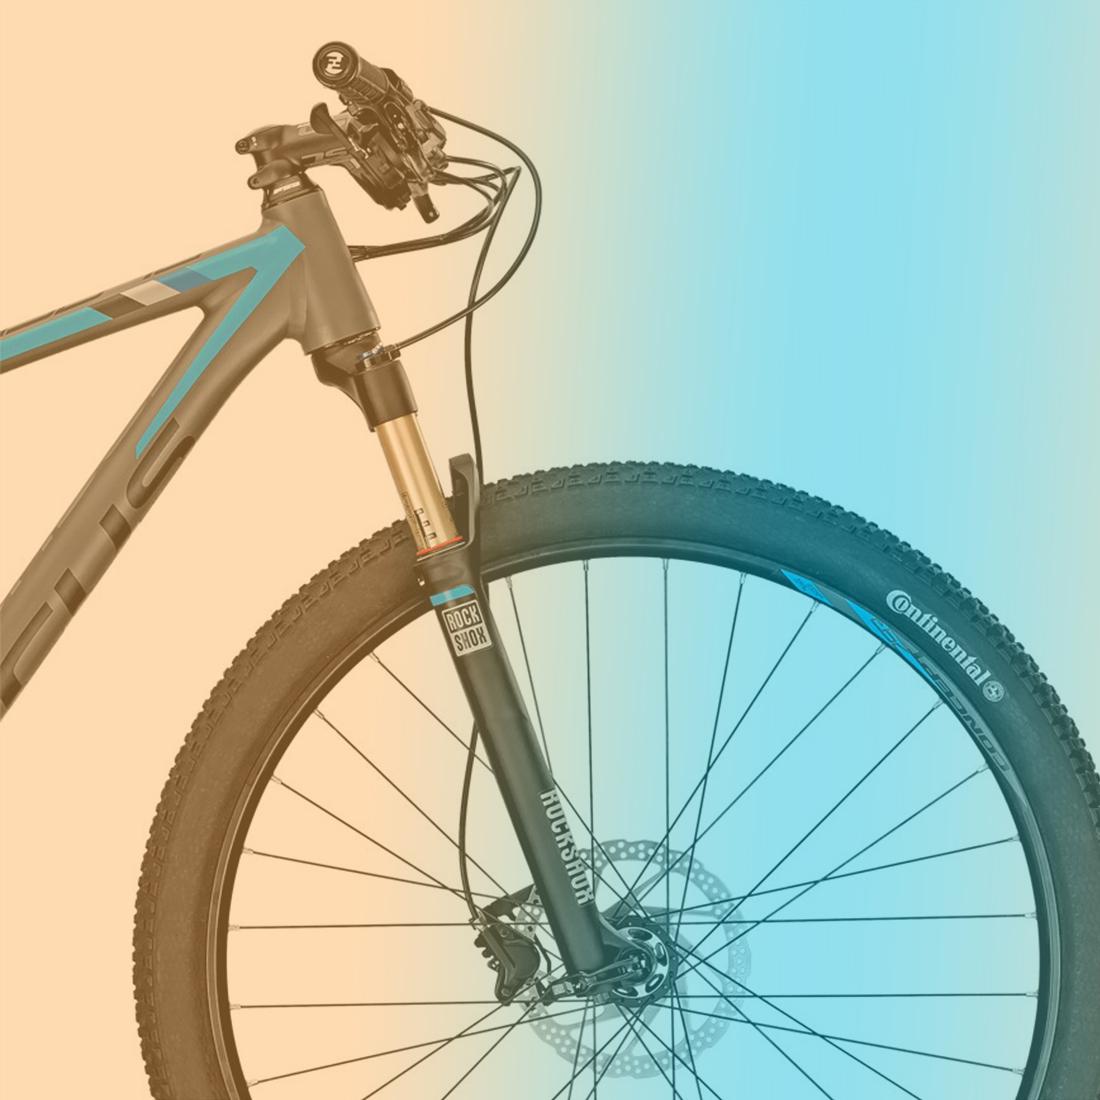 Huur dan gemakkelijk een fiets bij jasper